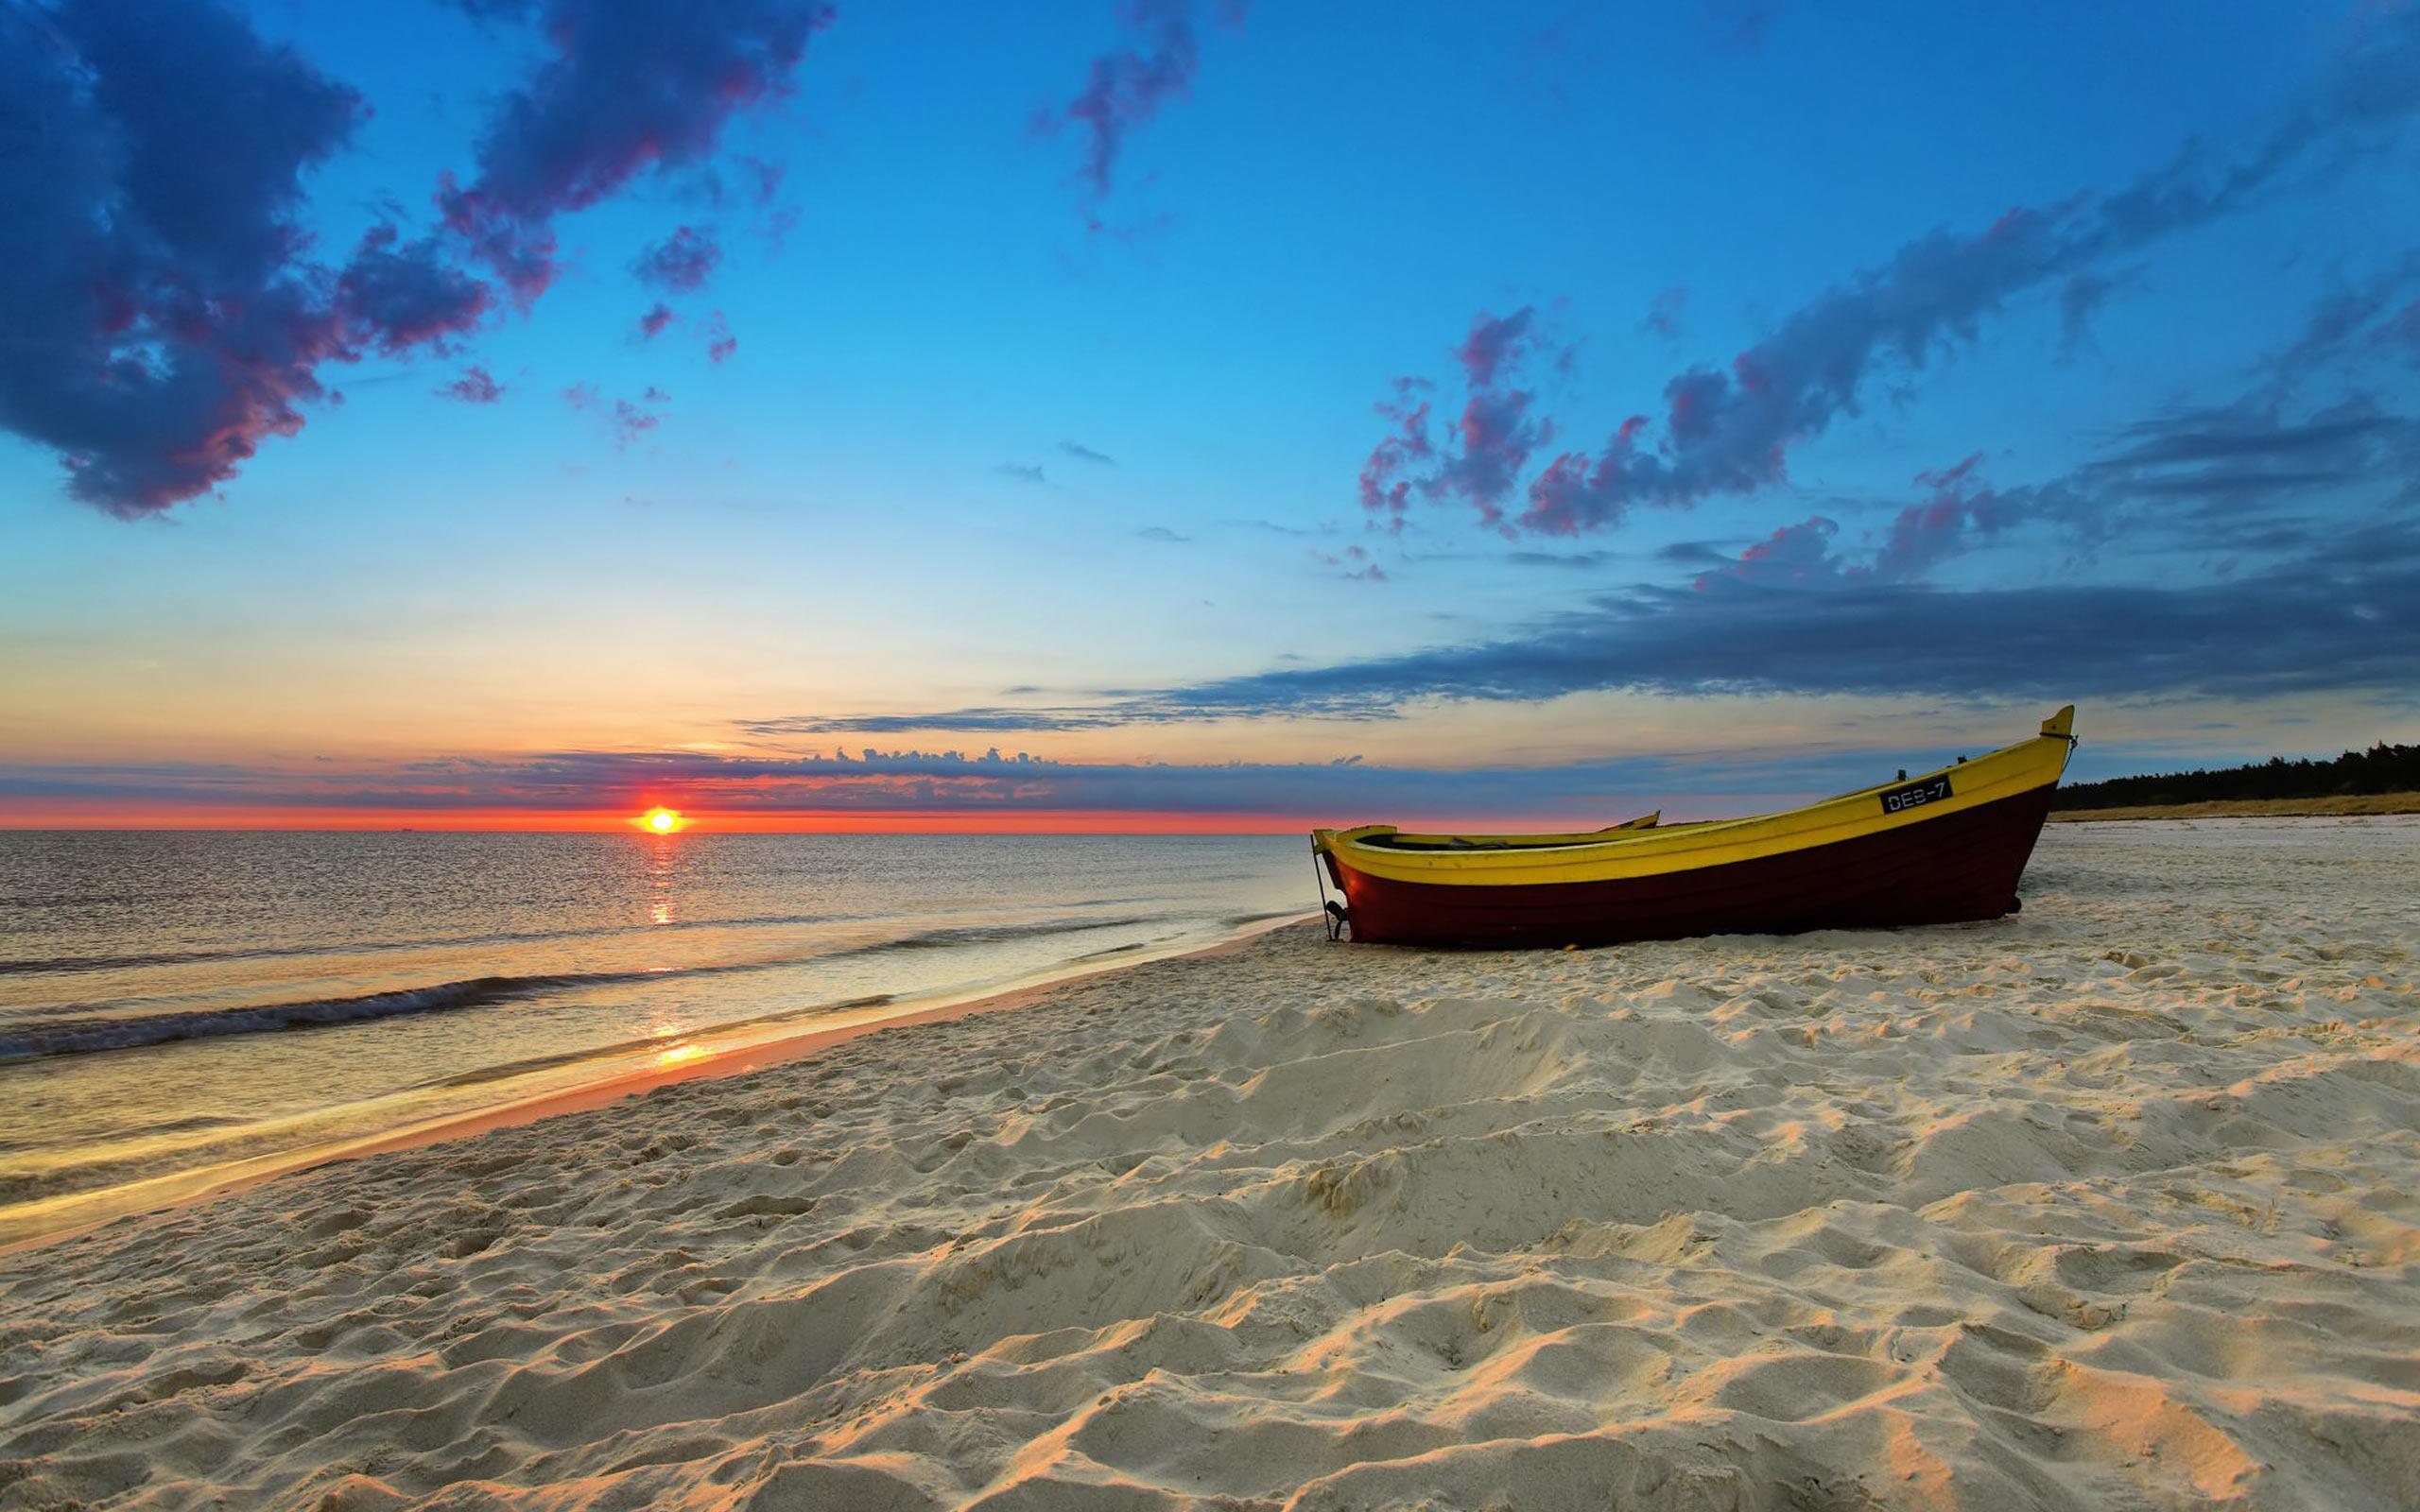 Artikel Terkait Beach Wallpaper Desktop 2560x1600